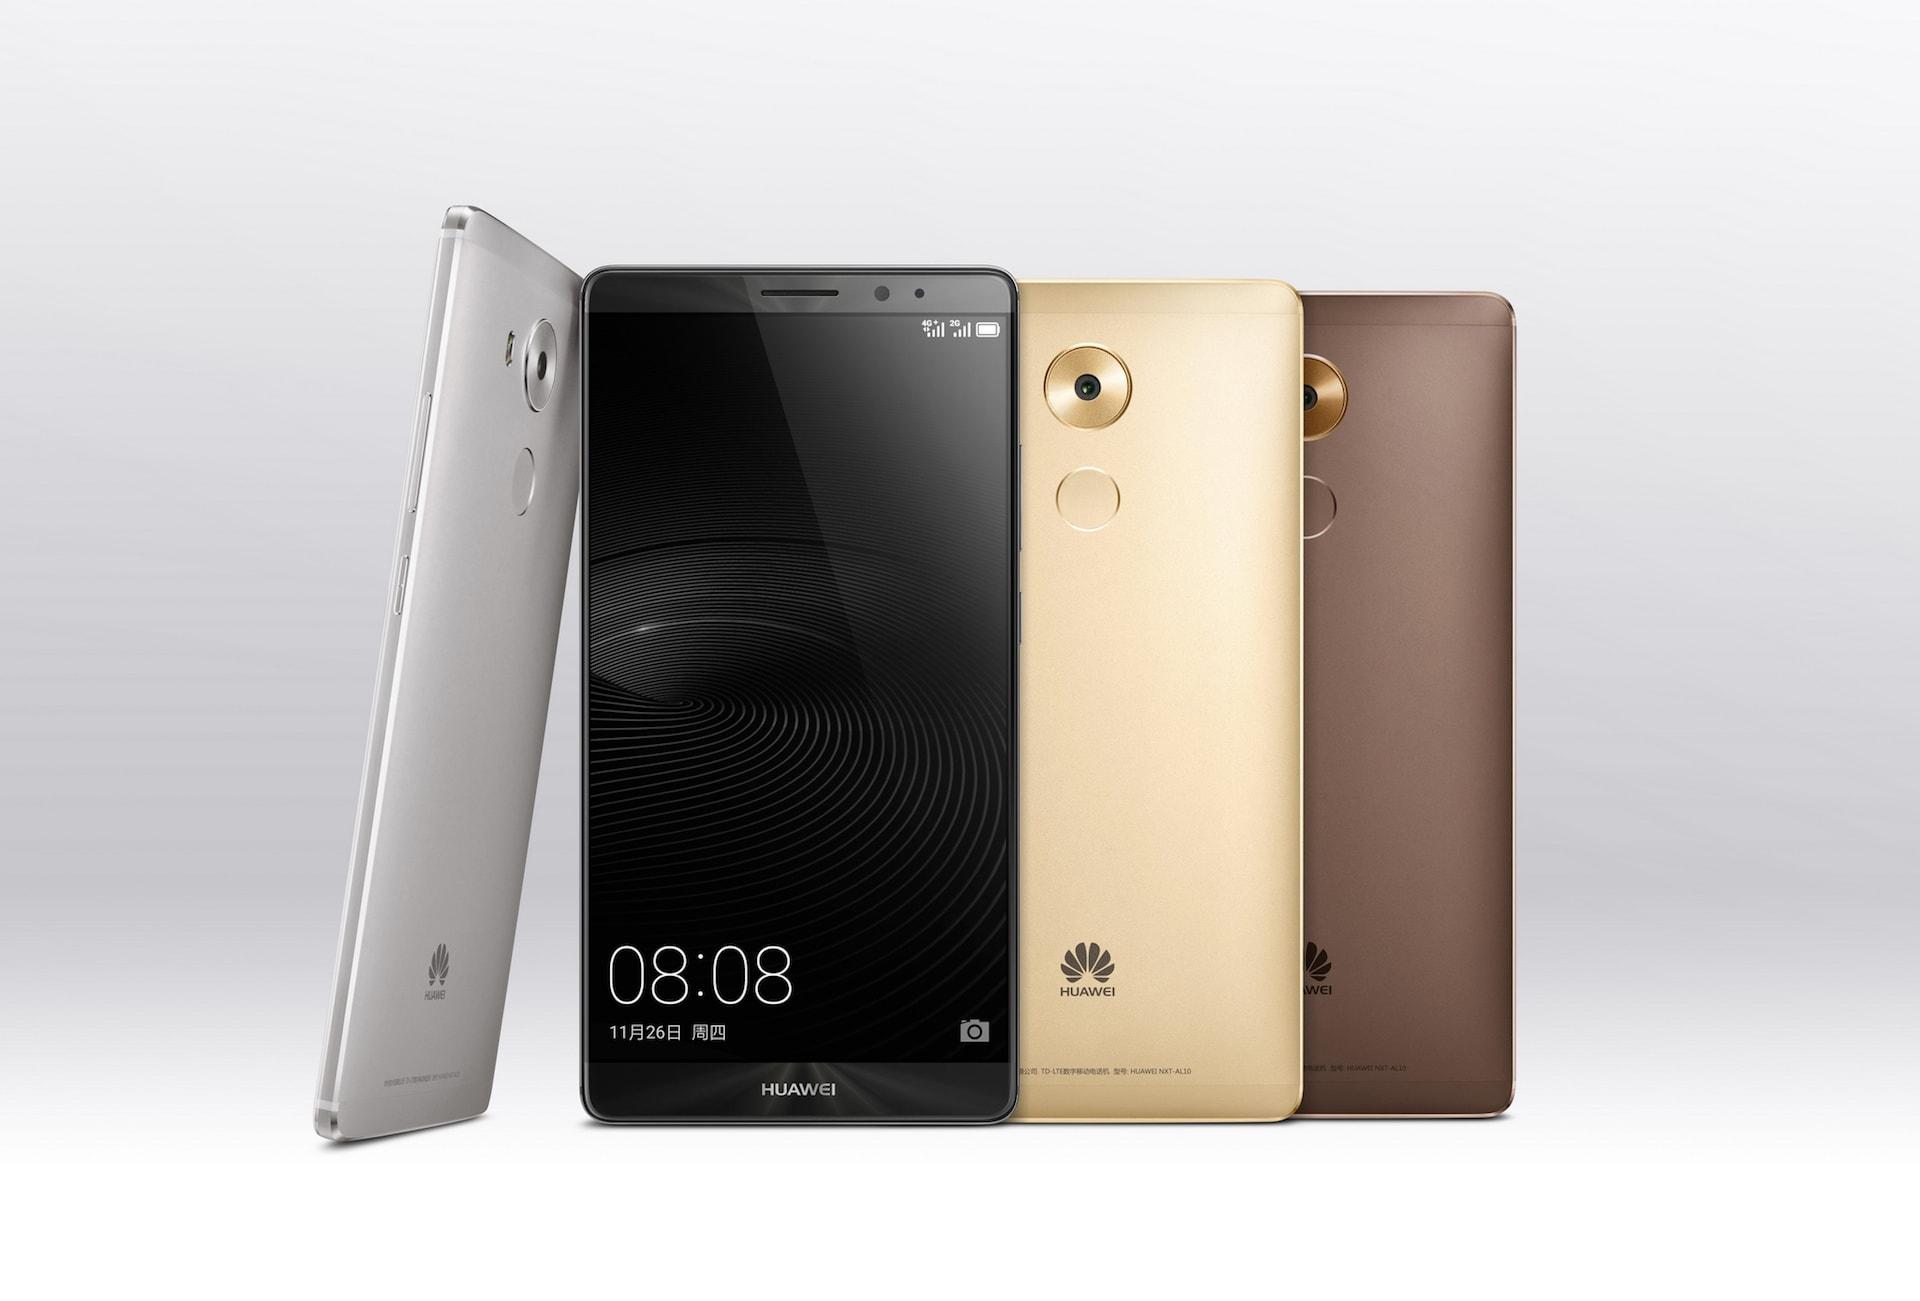 Huawei-Mate-8-render-ufficiali—1